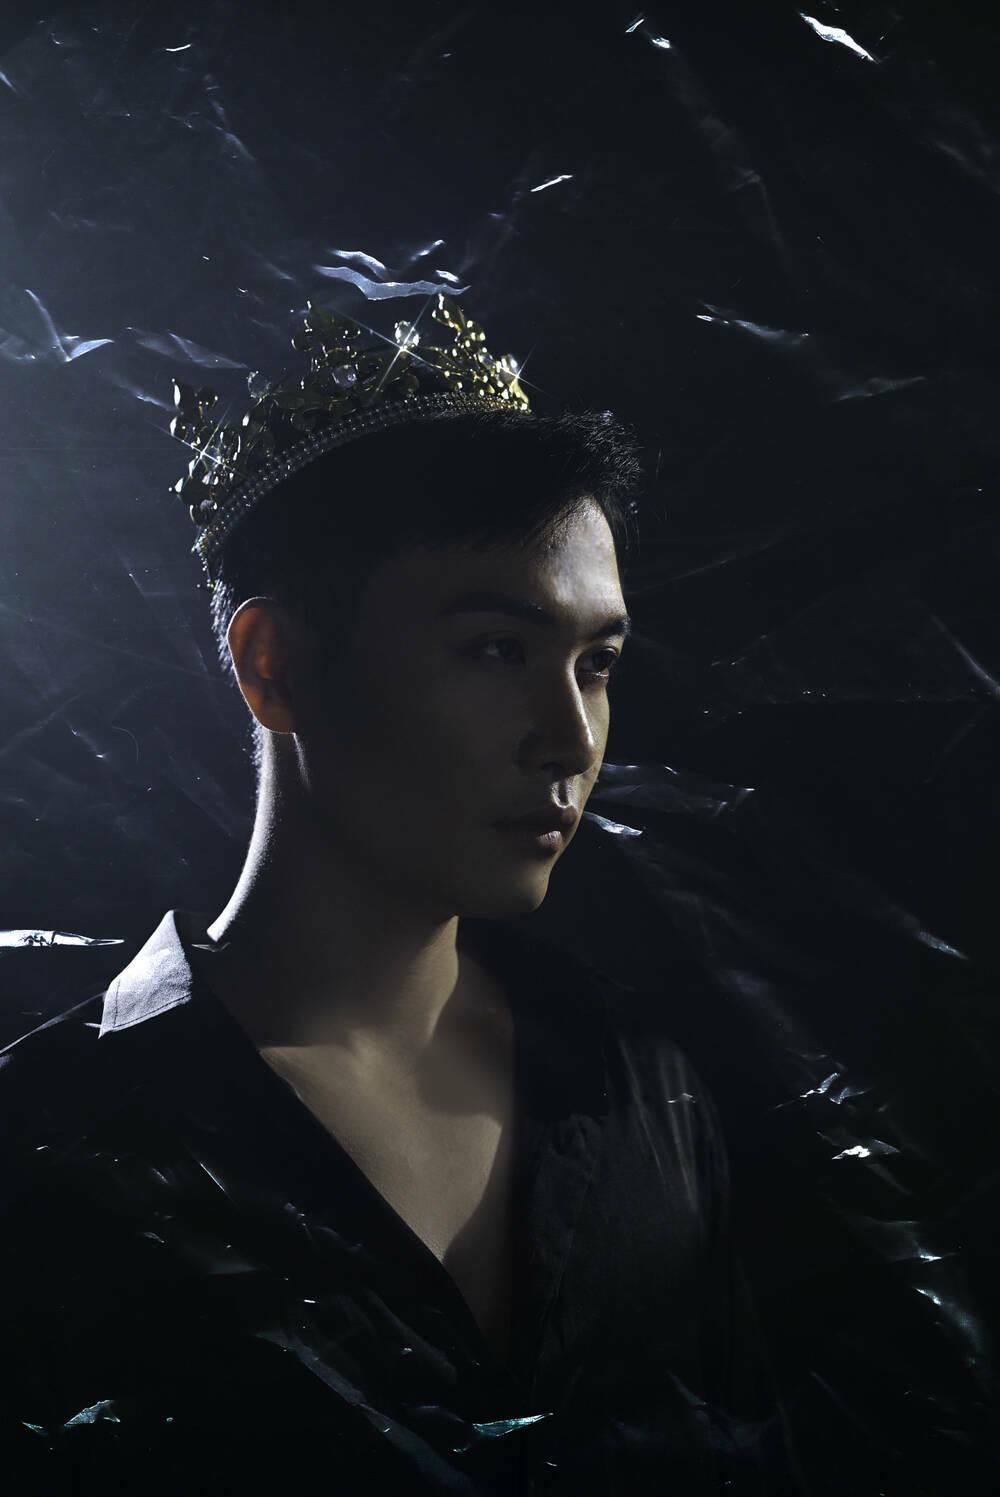 Phạm Anh Duy (The Voice) khác lạ trong MV mới, ẩn dụ độc đáo trên nền nhạc điện tử ma mị